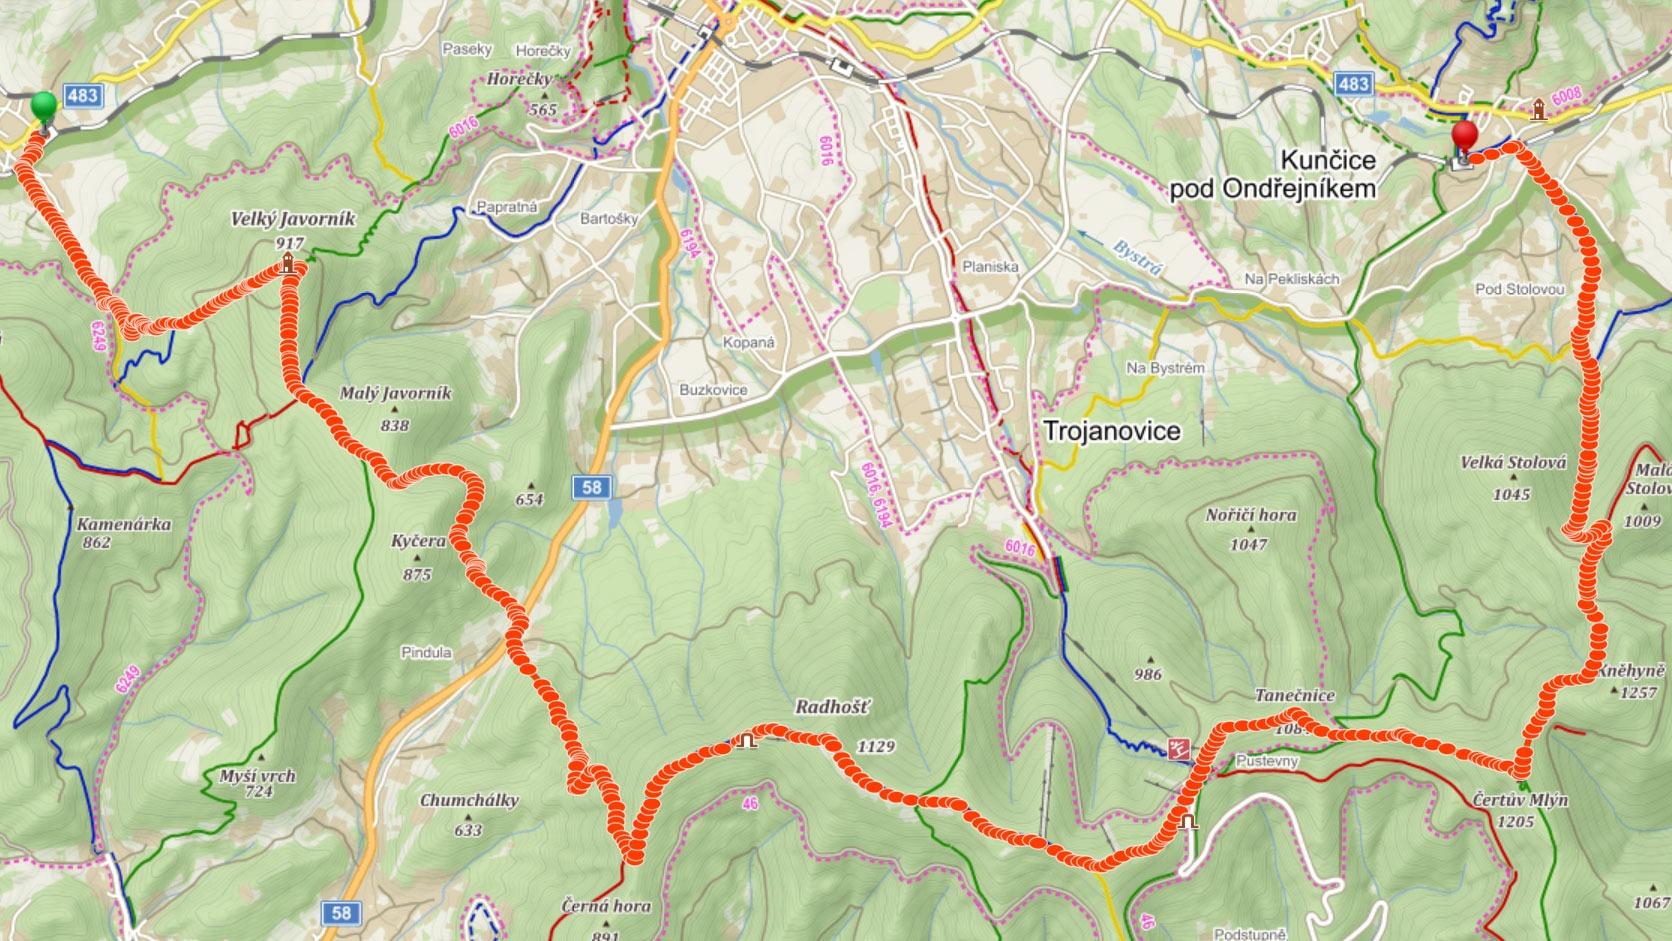 Trasa z Veřovic do Kunčic přes Velký Javorník, Radhošť a Četrův mlýn